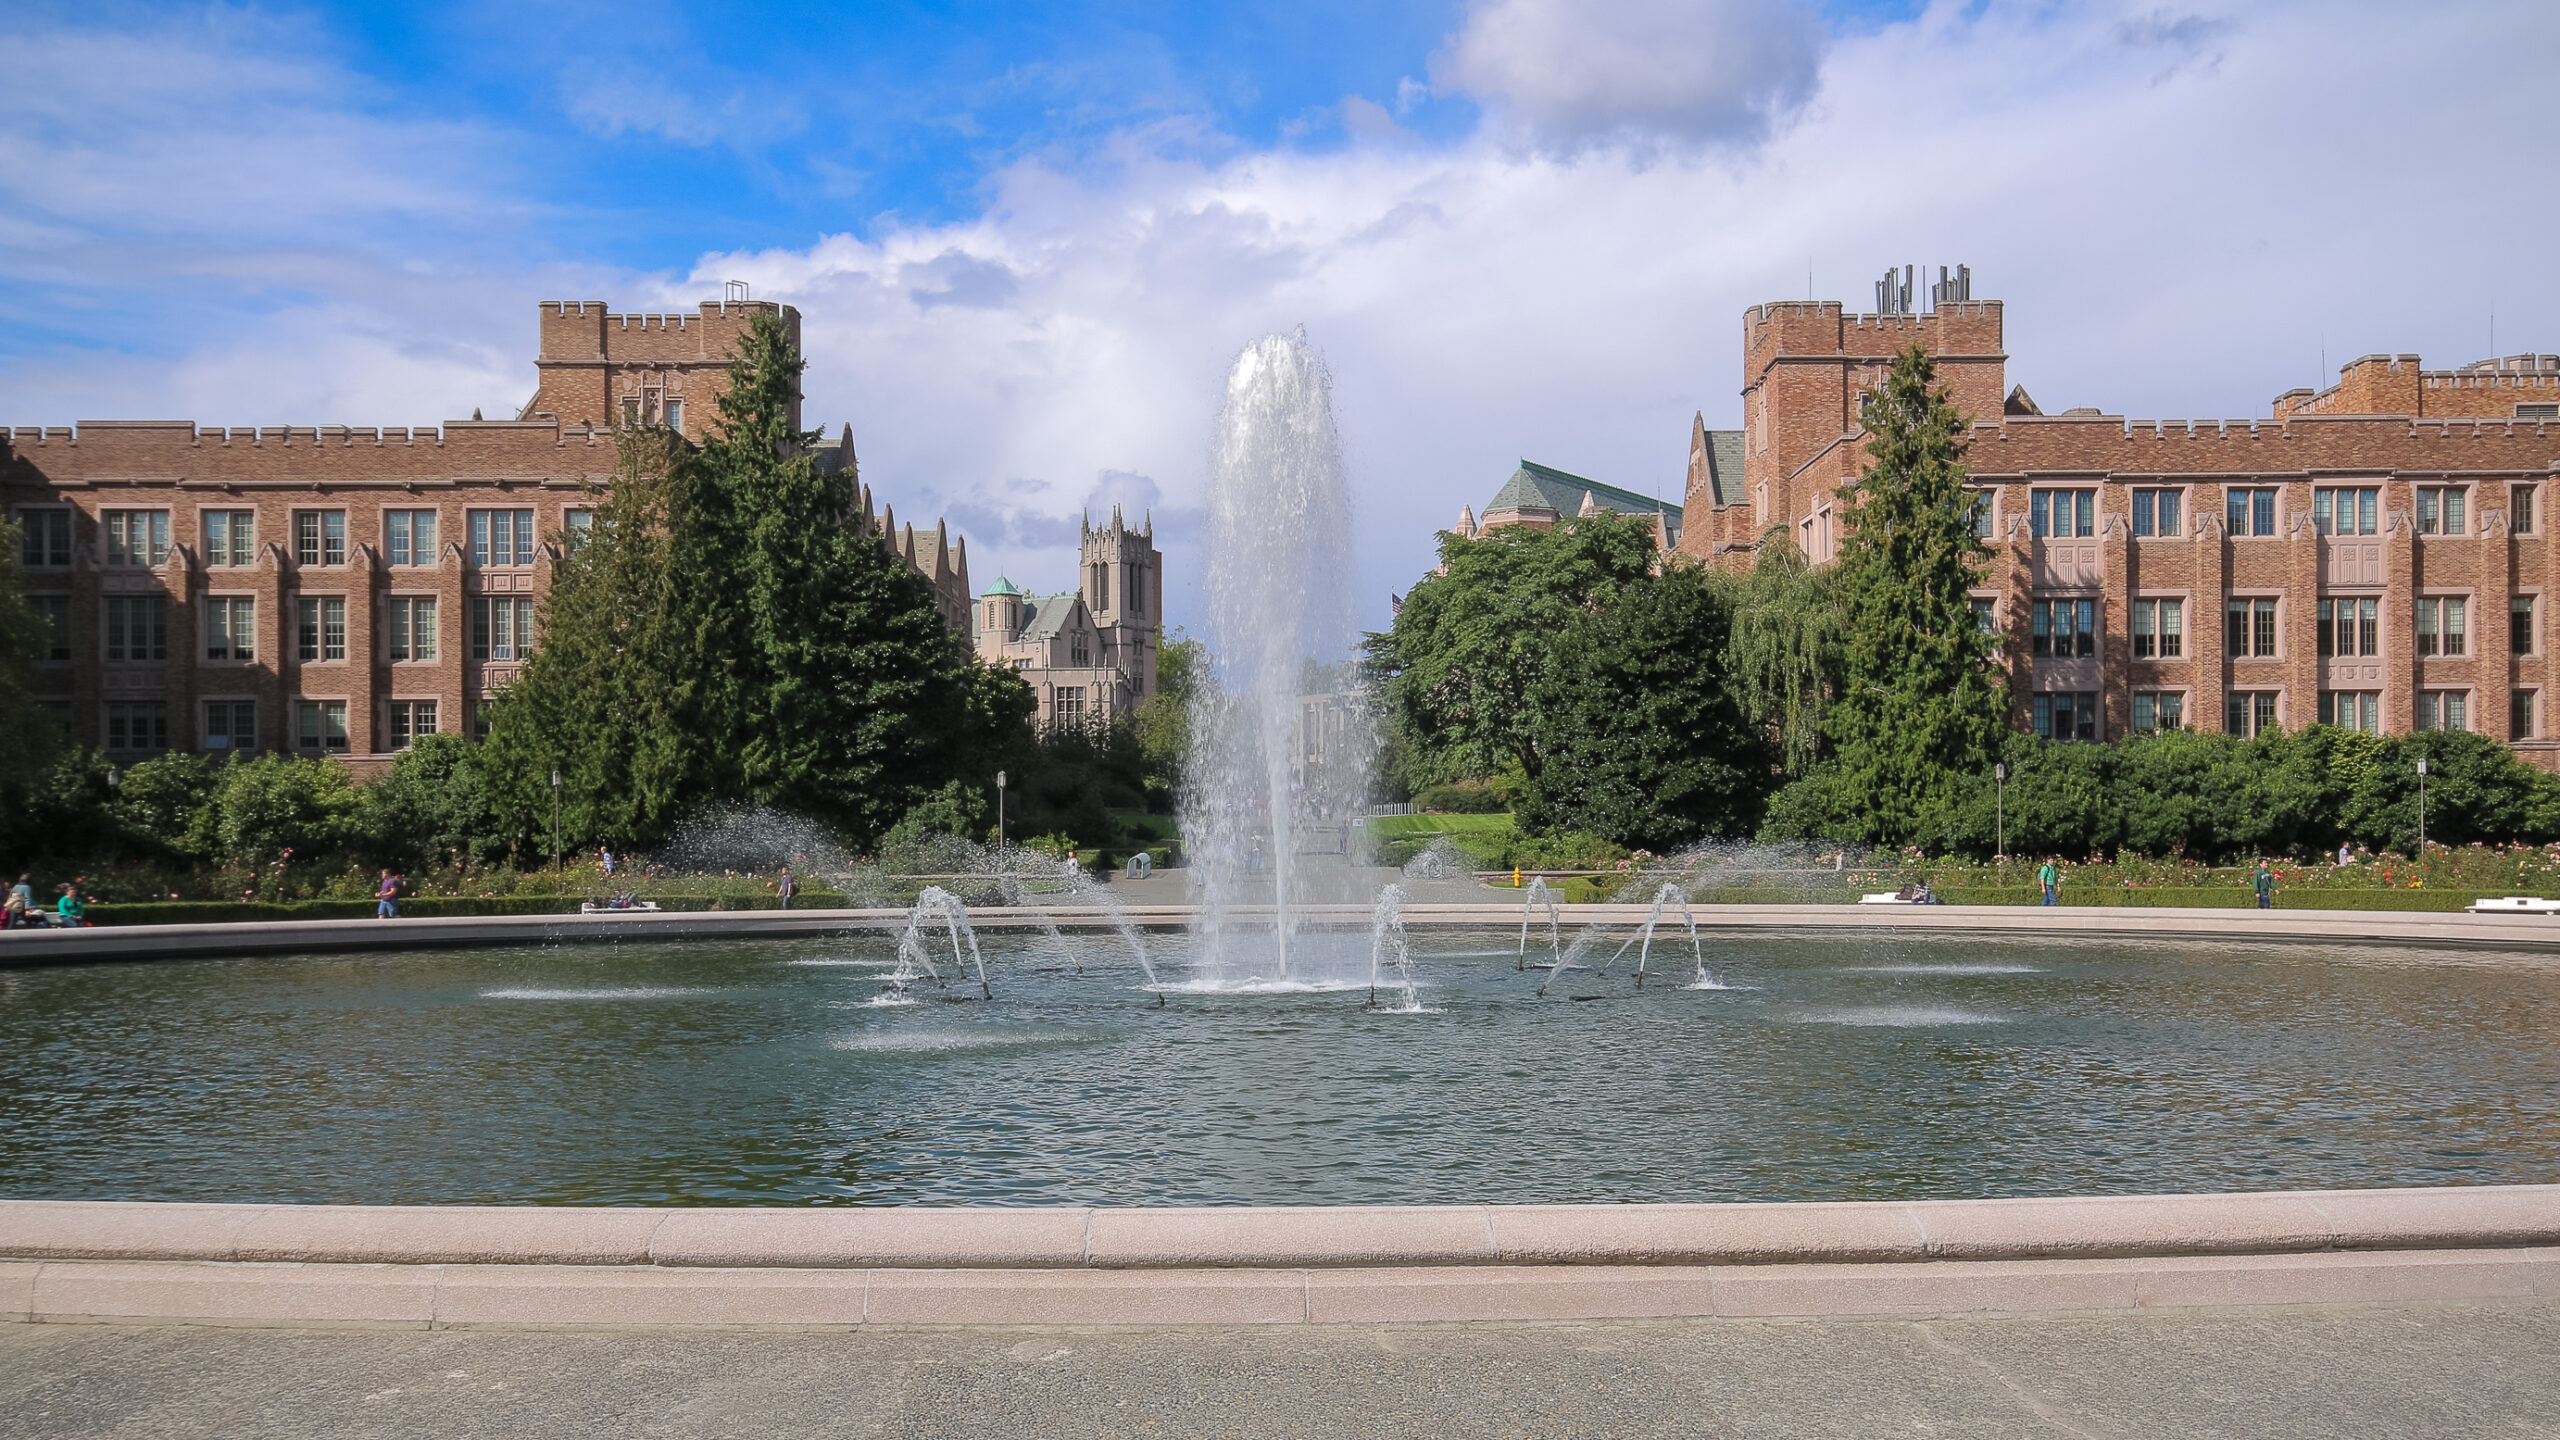 Por dentro da Universidade de Washington